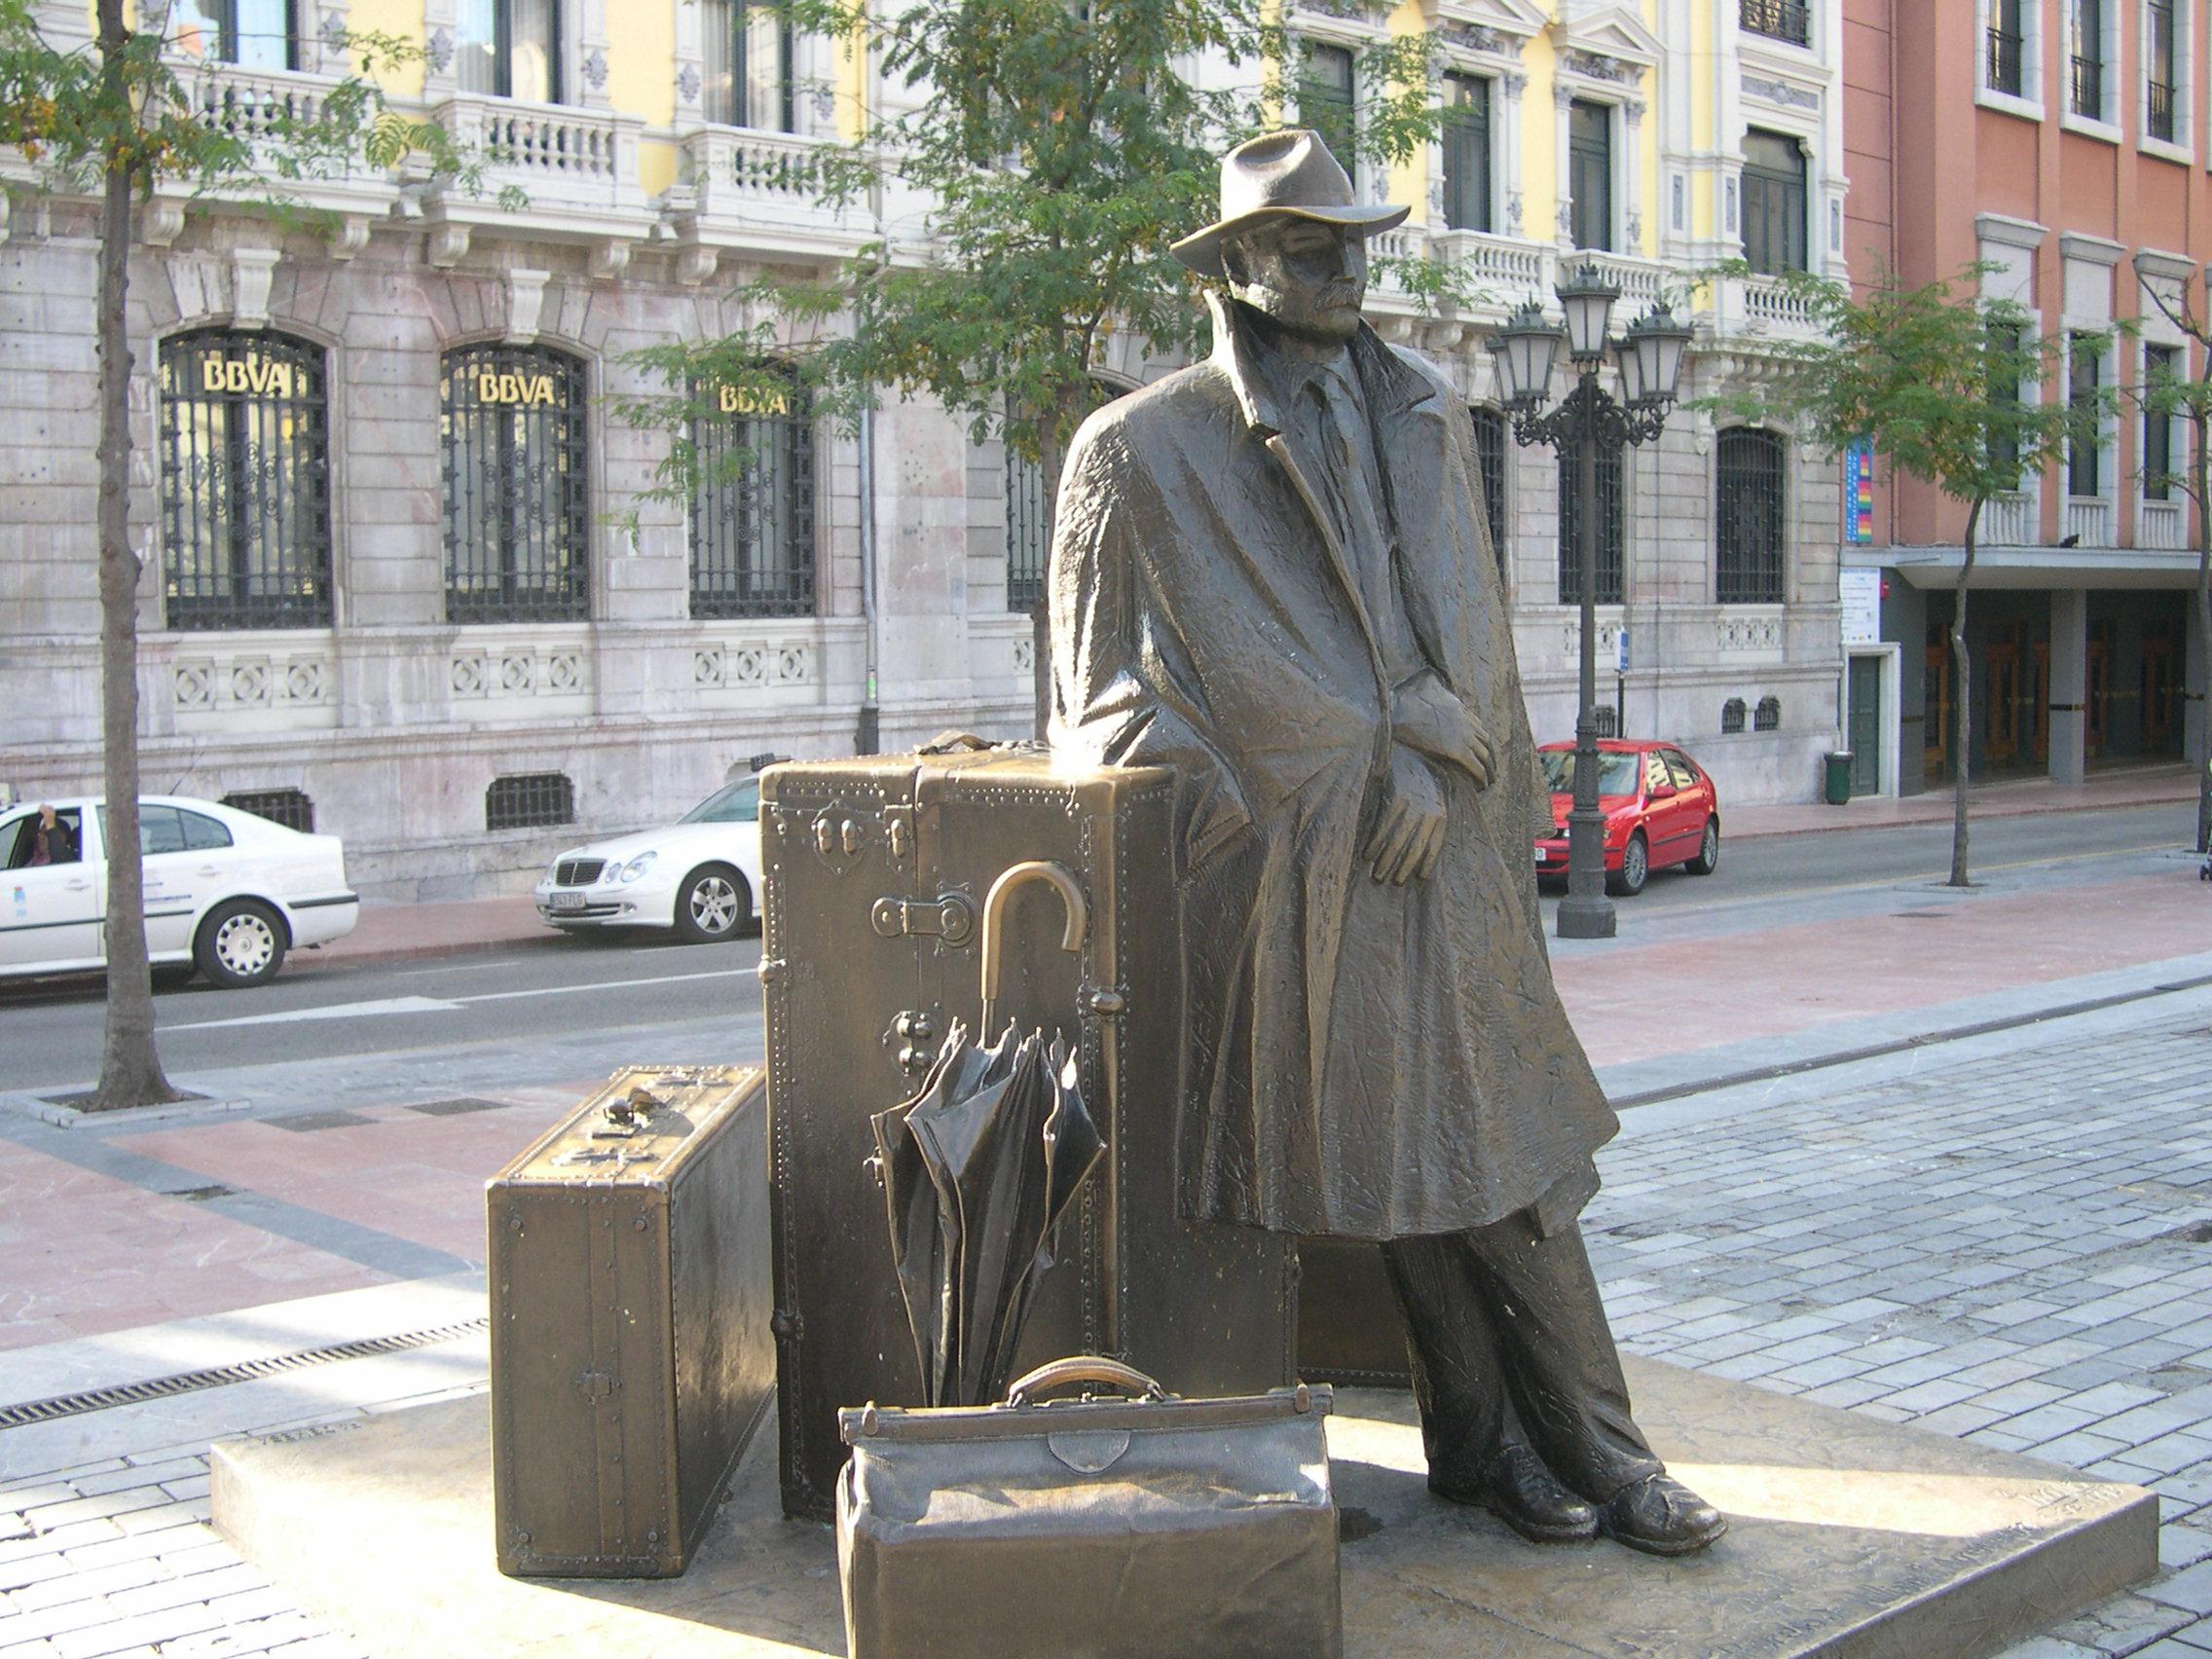 Estatua del viajero (Oviedo -Espaňa-)